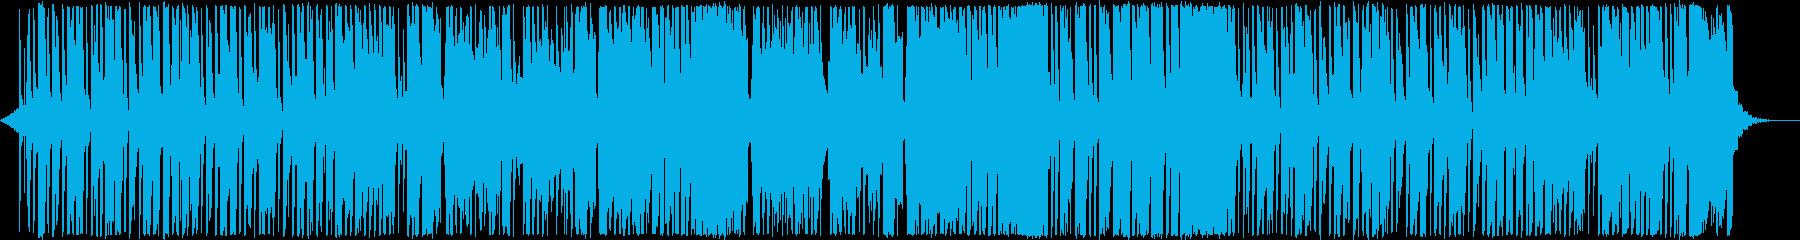 和風テクノポップの再生済みの波形